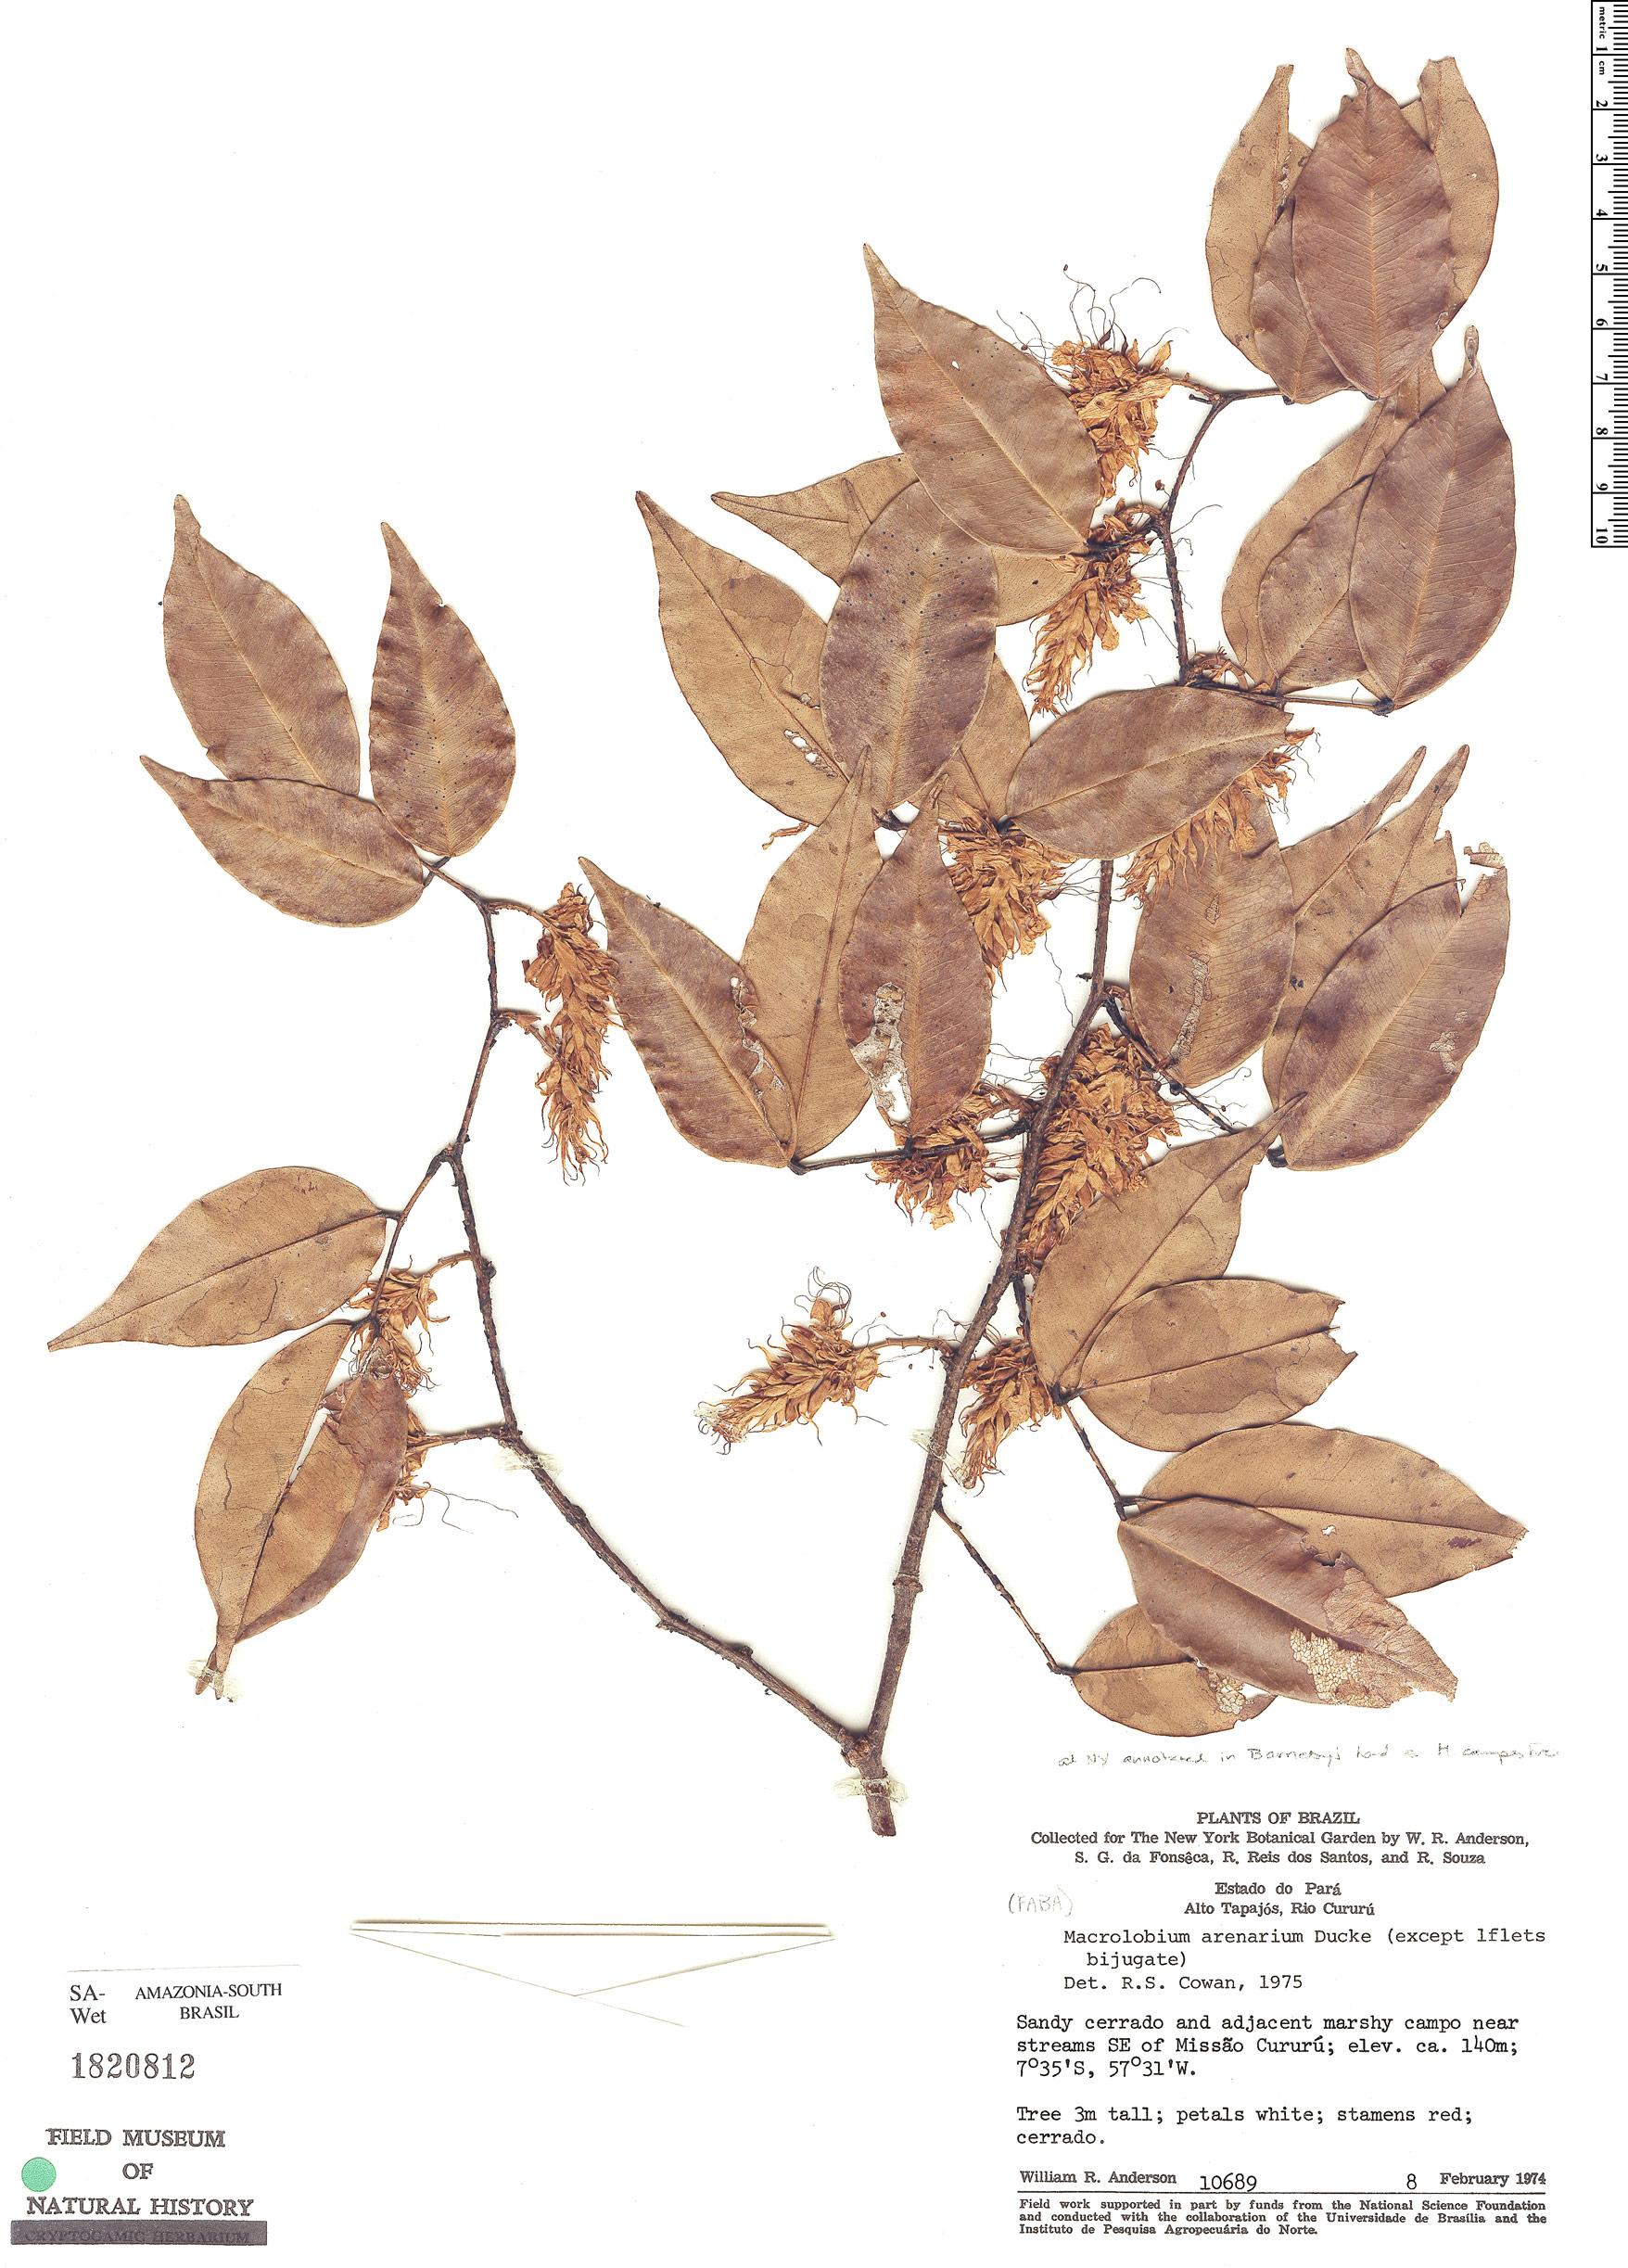 Specimen: Macrolobium arenarium